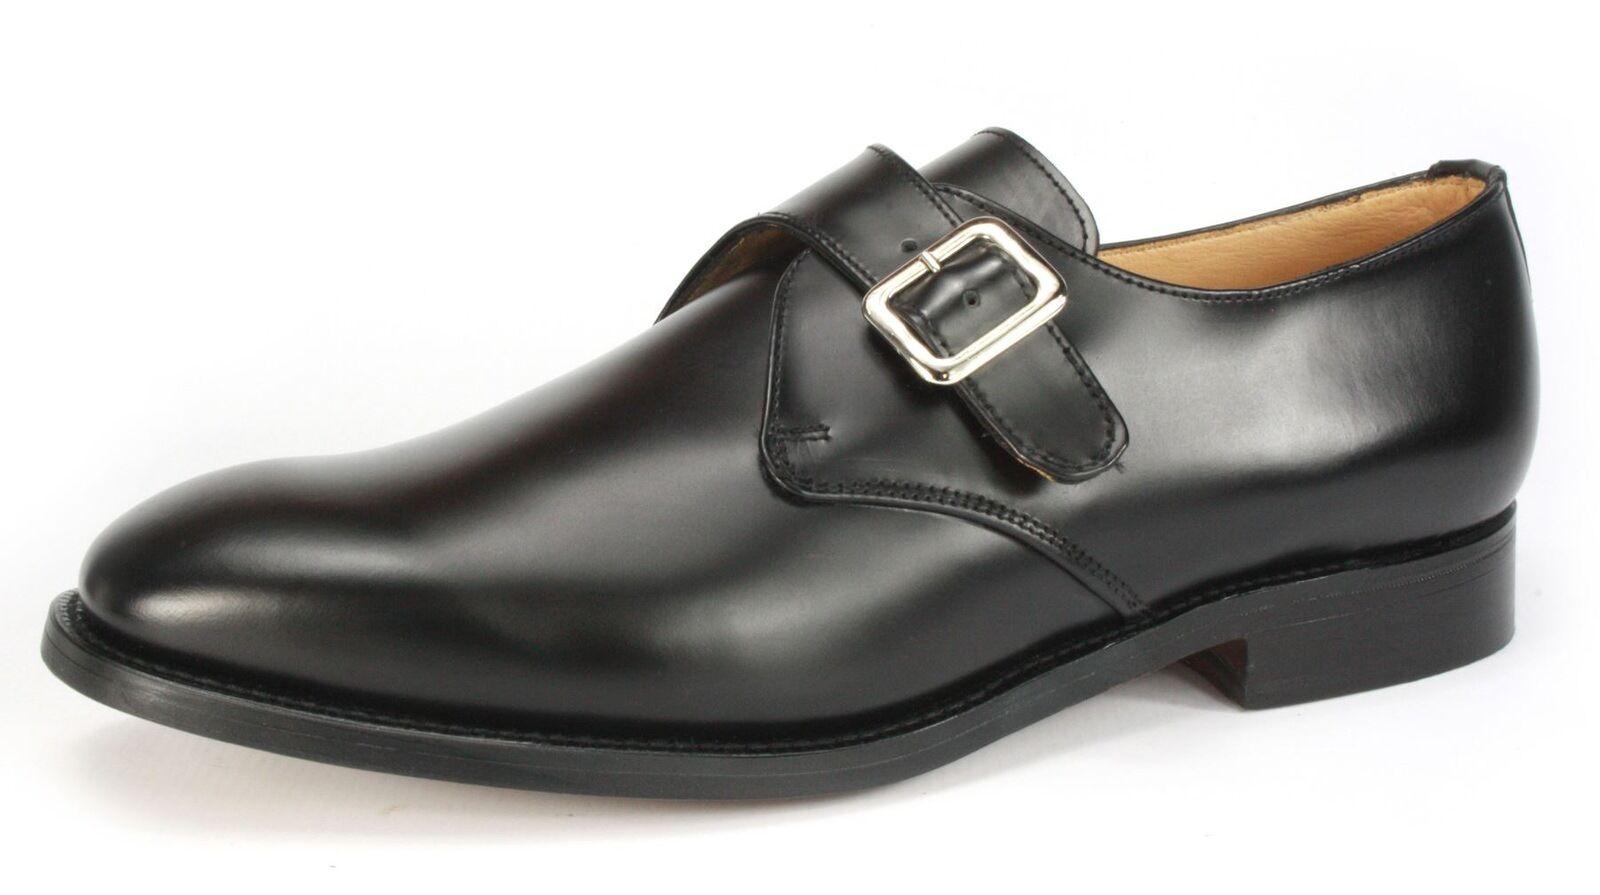 Charles Horrel Britsh Handmade Welted Mens Leather Monk Shoes Black